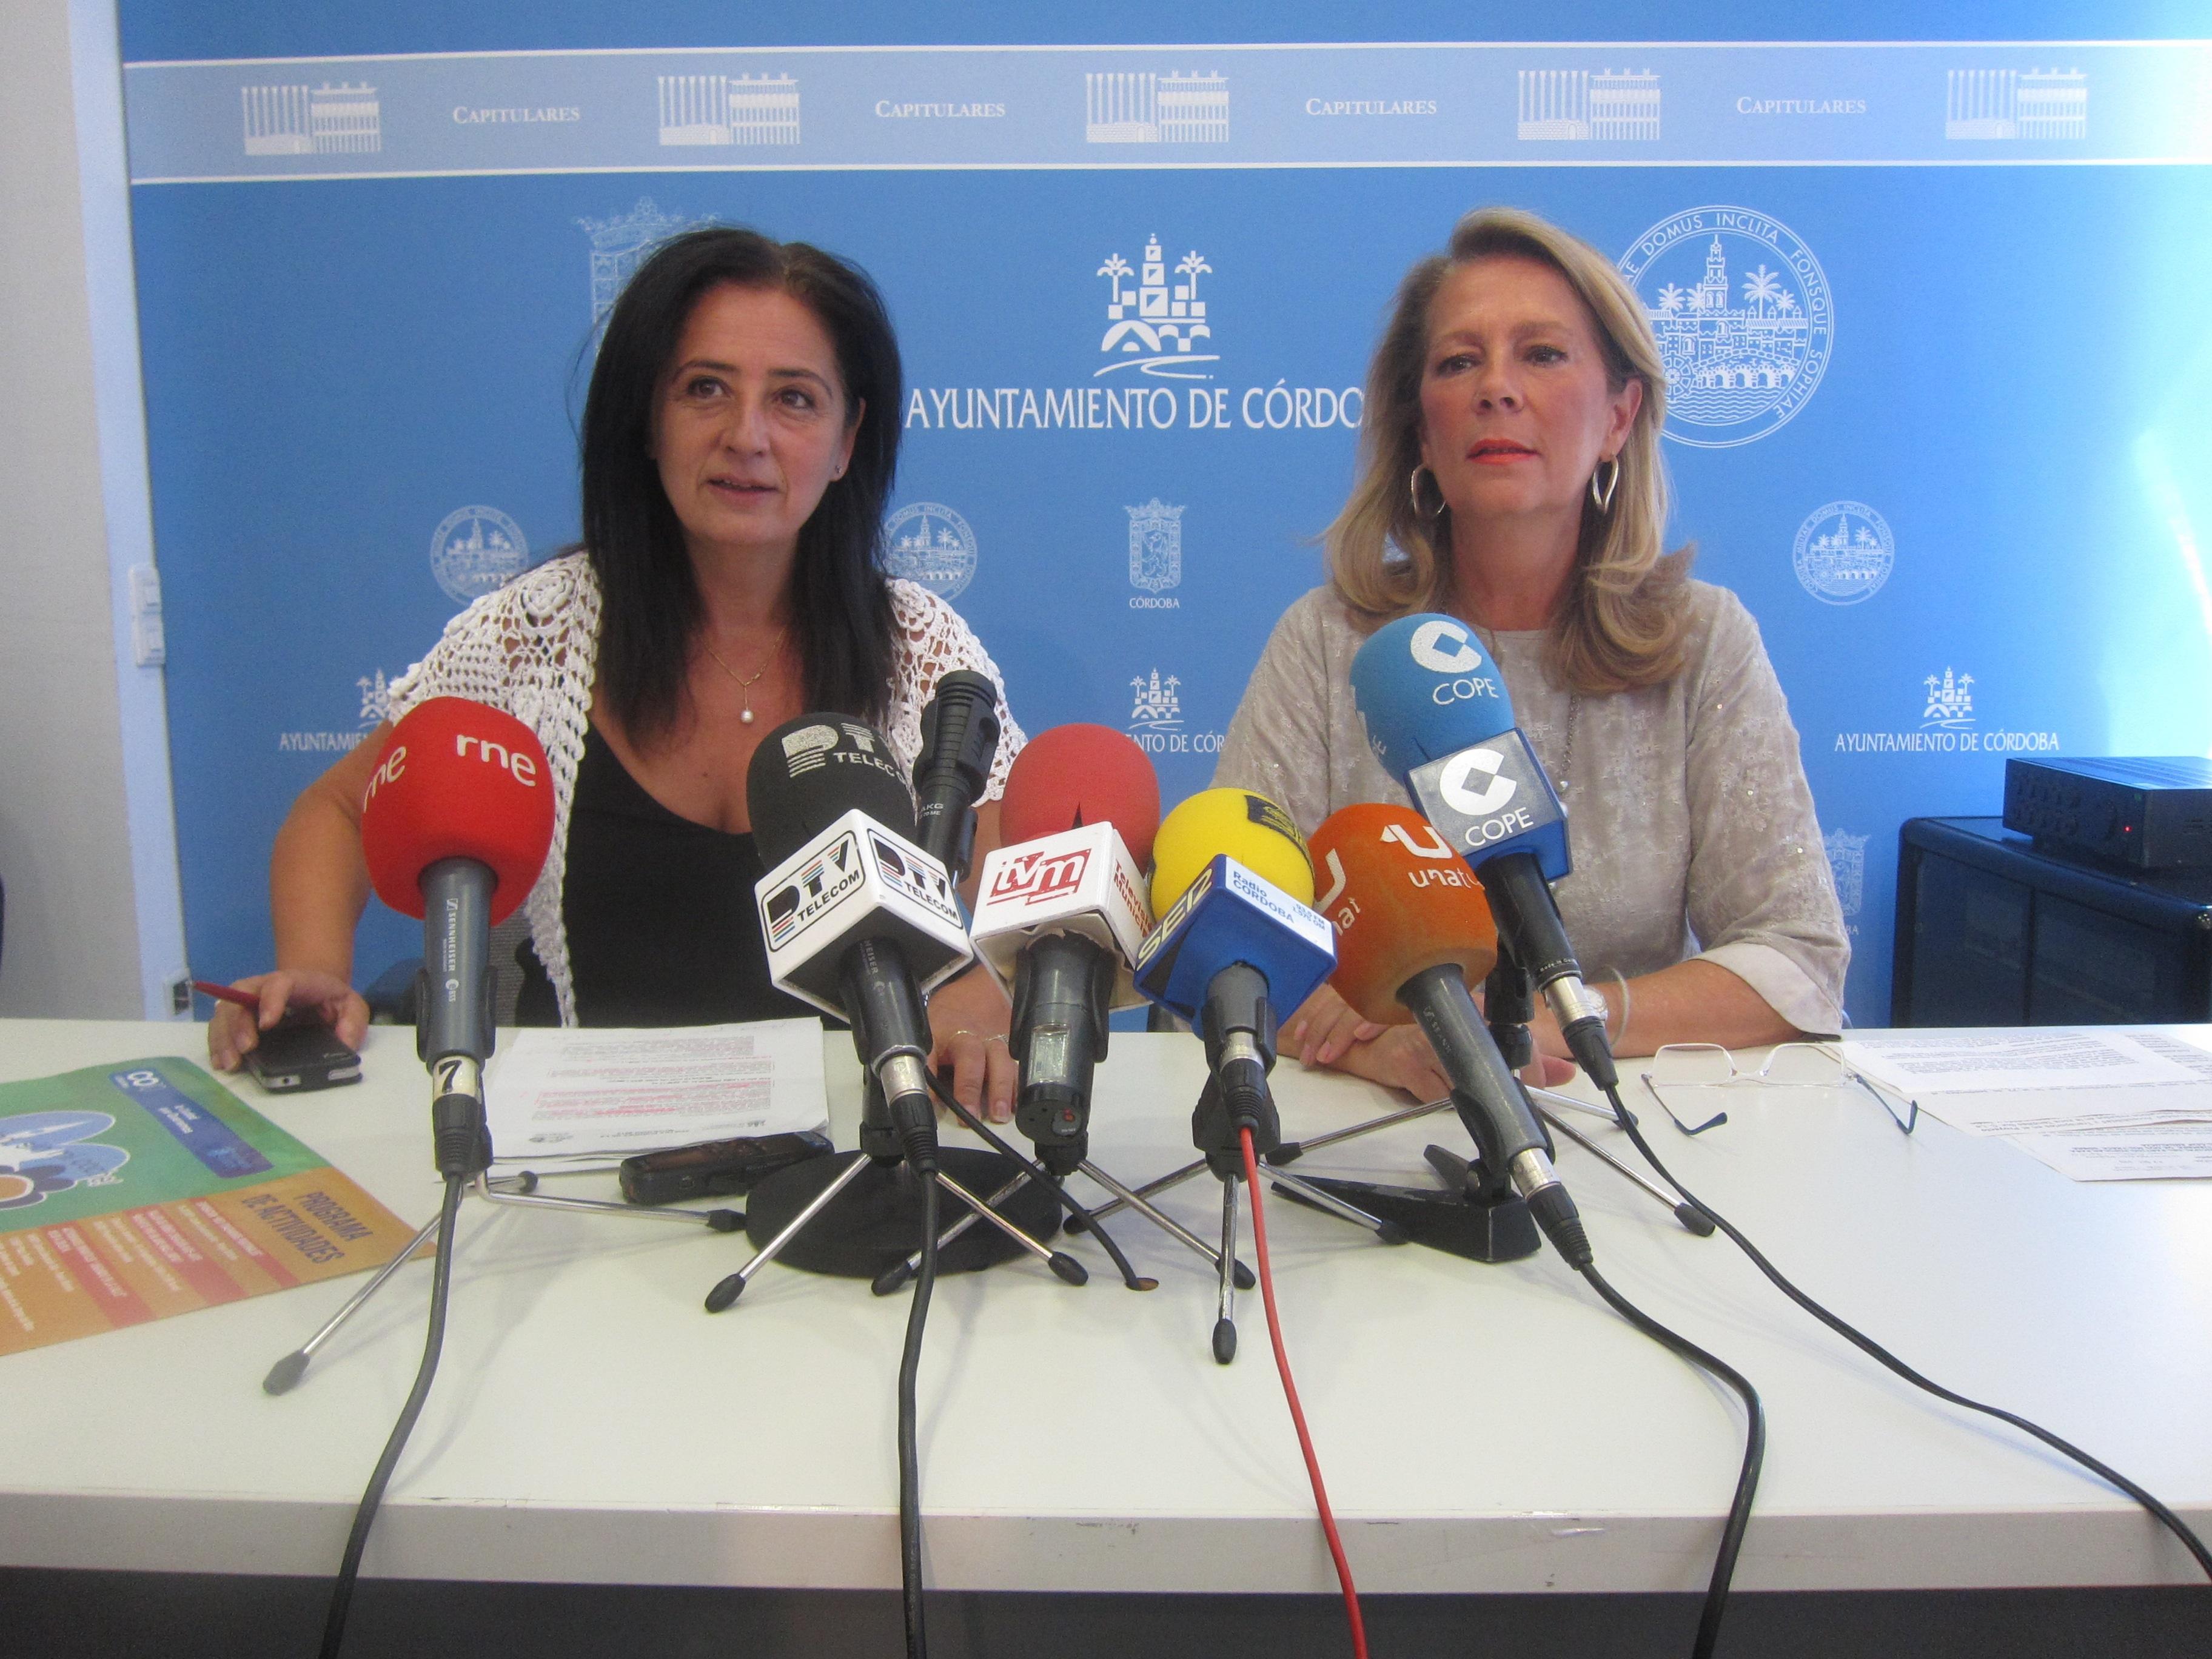 El PP pedirá a la Junta que firme un convenio para asumir el 50% del coste de reurbanización del C4